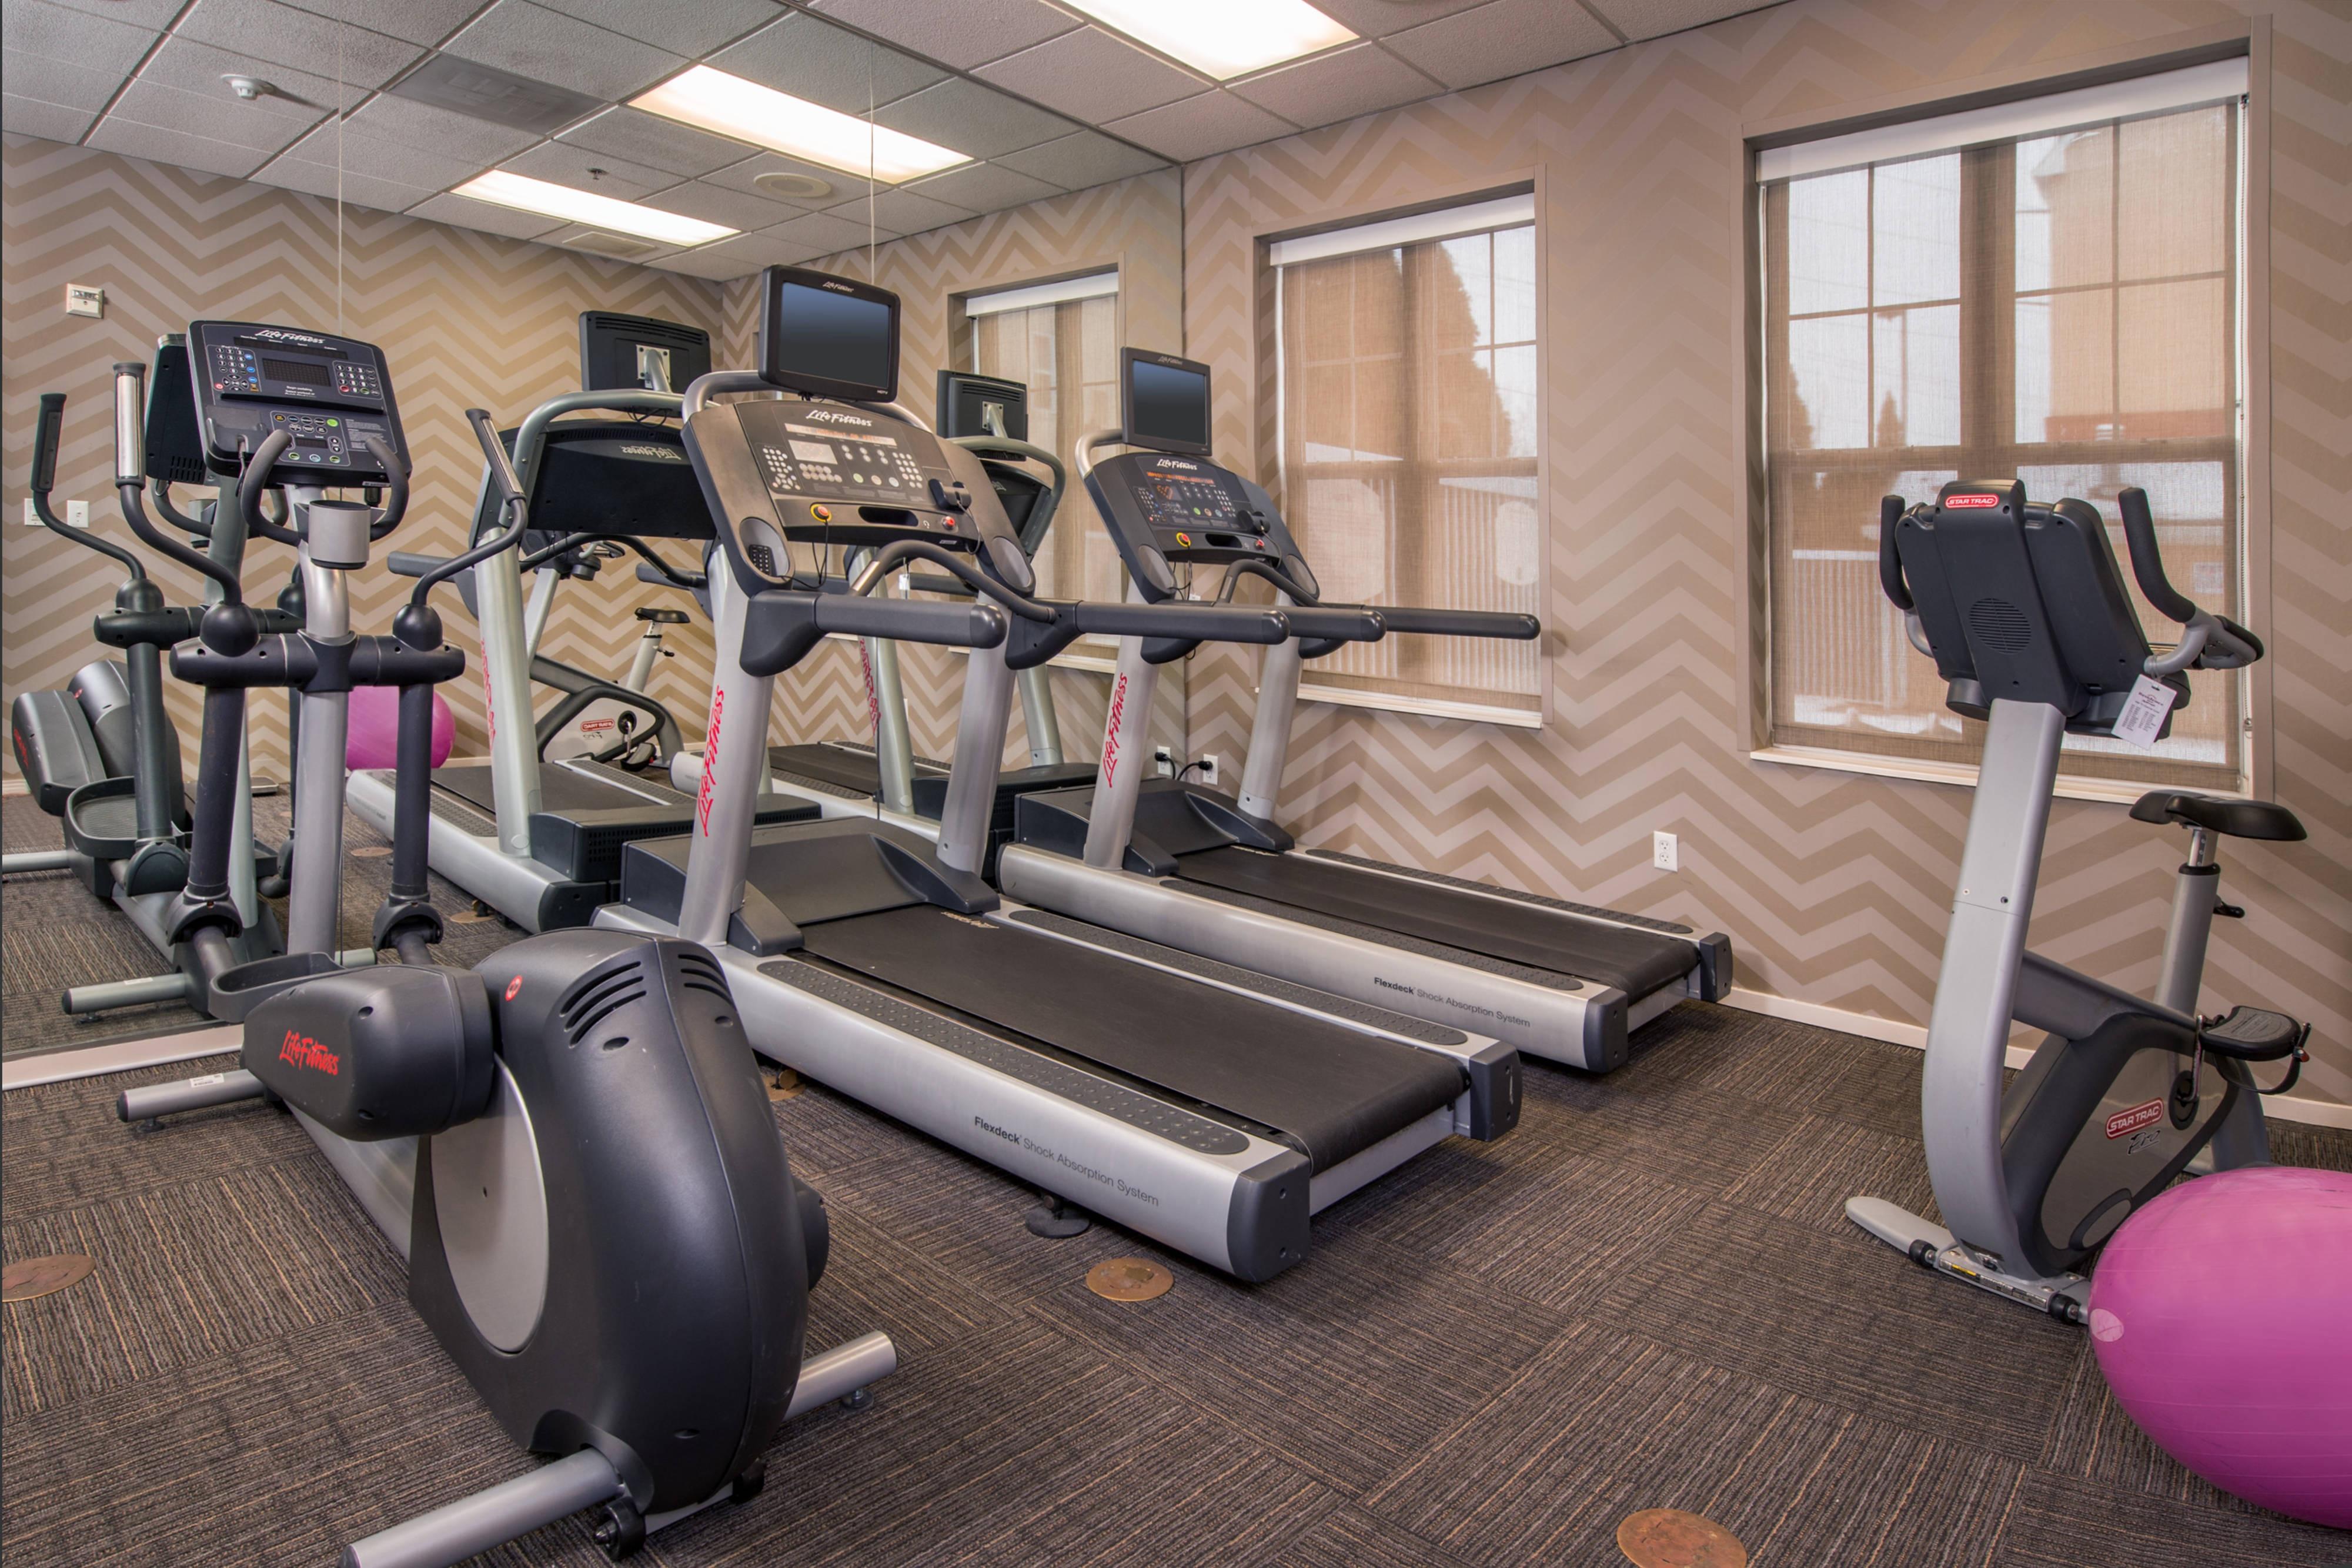 Fitness Center in Chantilly, VA